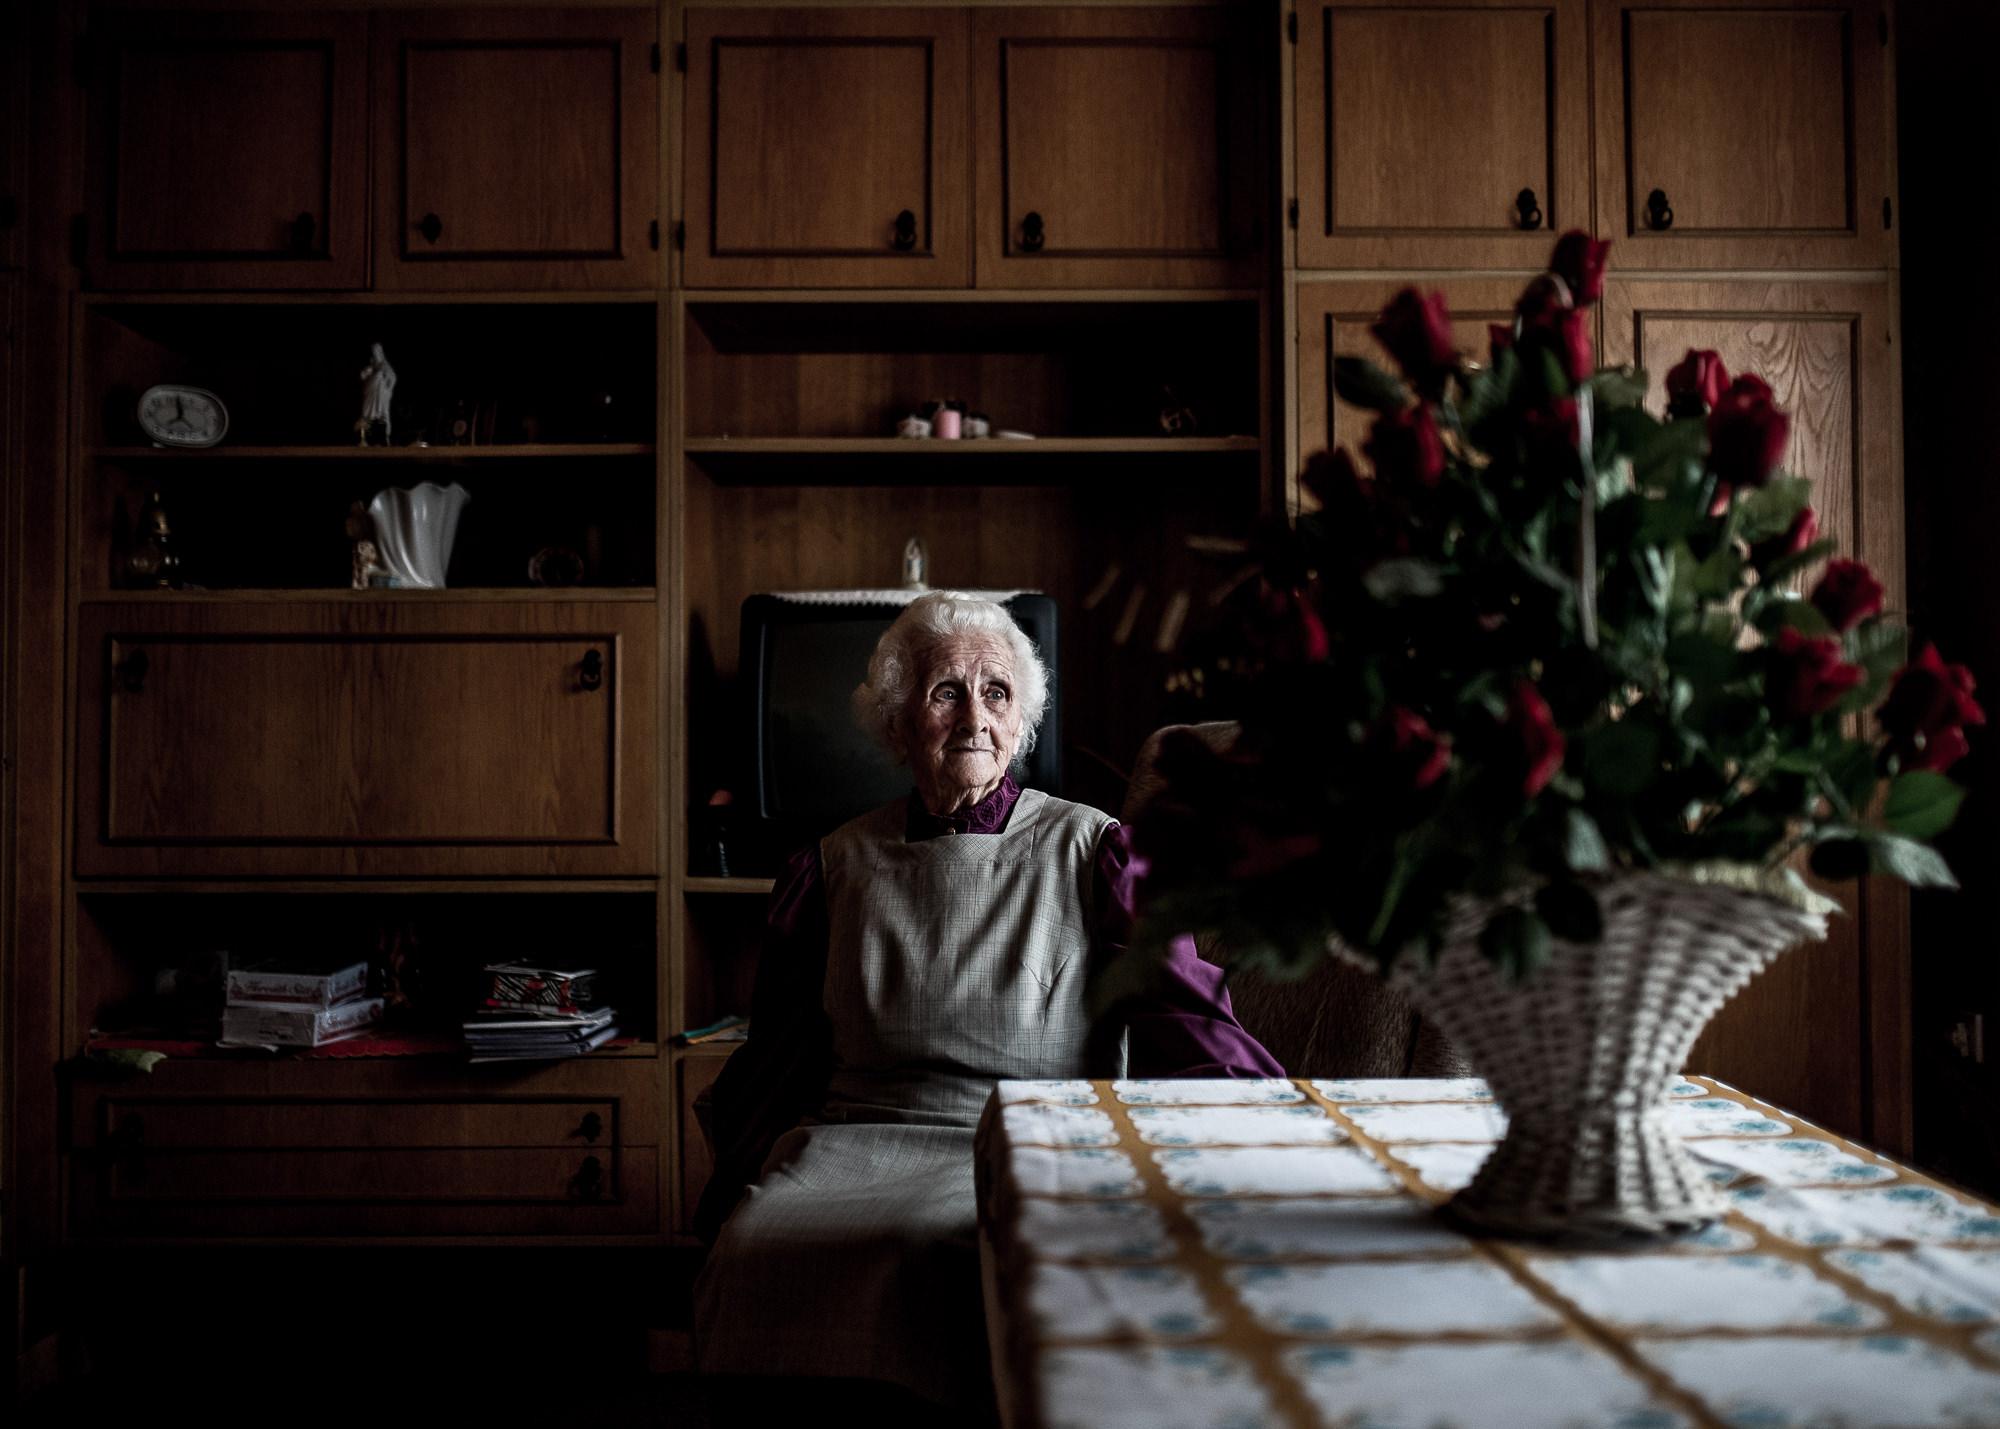 BIELIK István: Részlet Az utolsó mesélők című sorozatból / from series The Last Storytellers, 2018